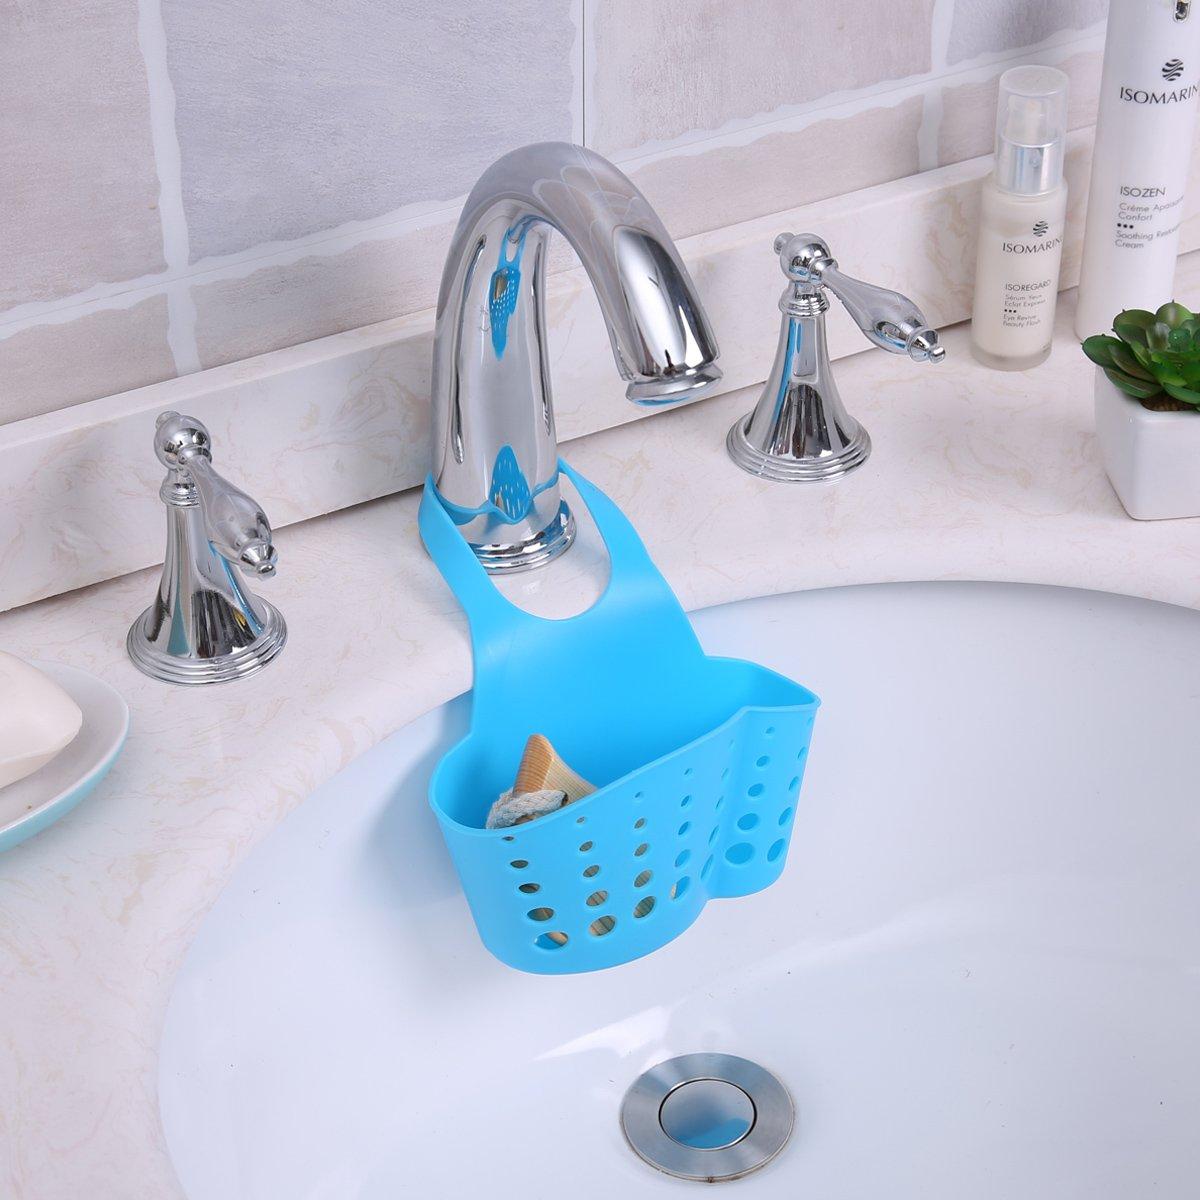 Yontree Kitchen Sink Caddy Sponge Holder Organizer Corner Silicone Blue